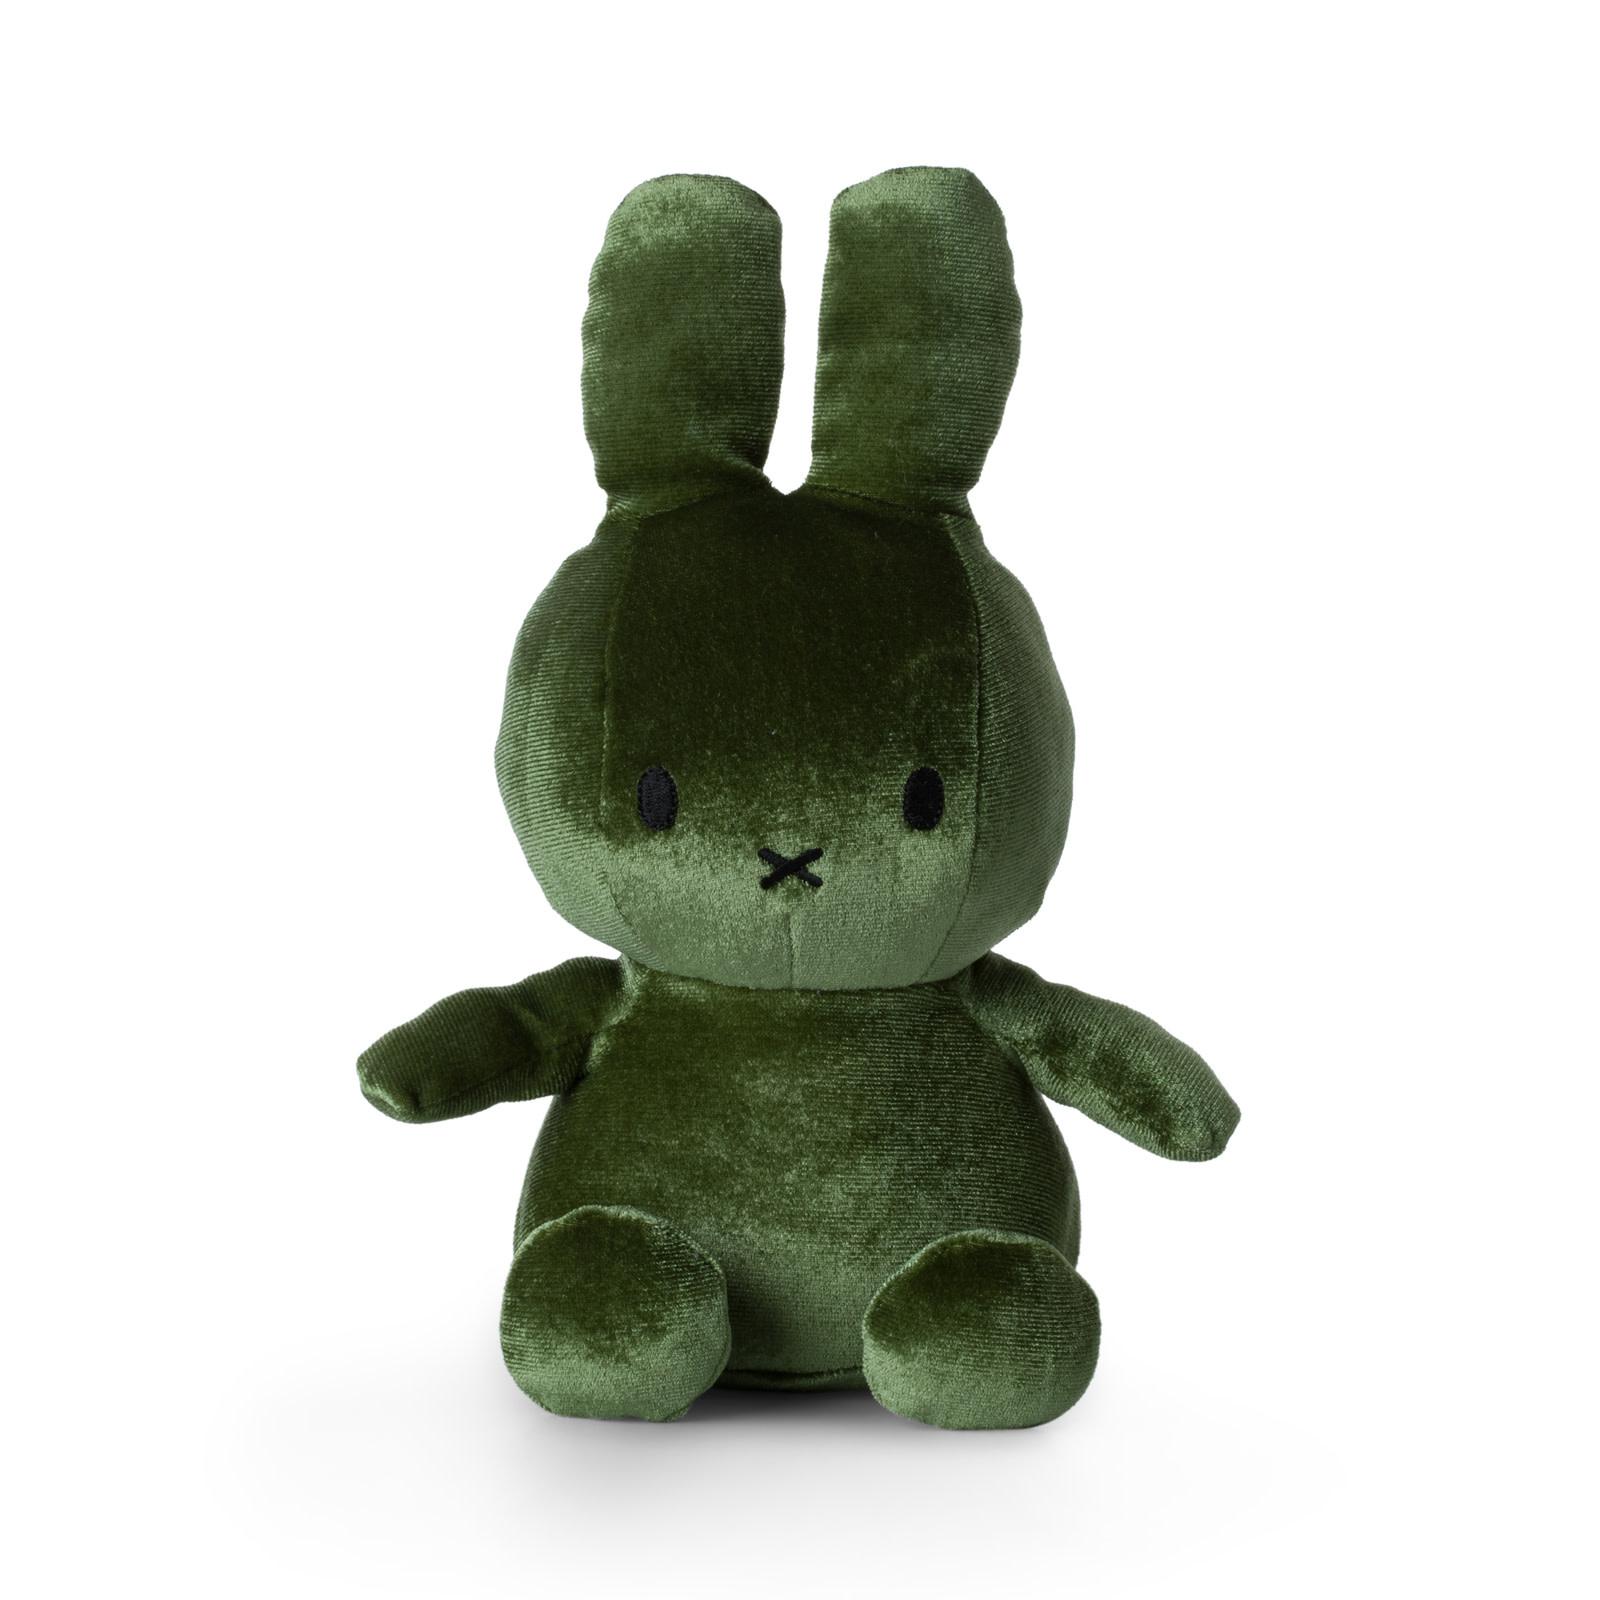 Nijntje/Miffy/Snuffy Miffy Sitting Velvet Moss Green - 23 cm - 9